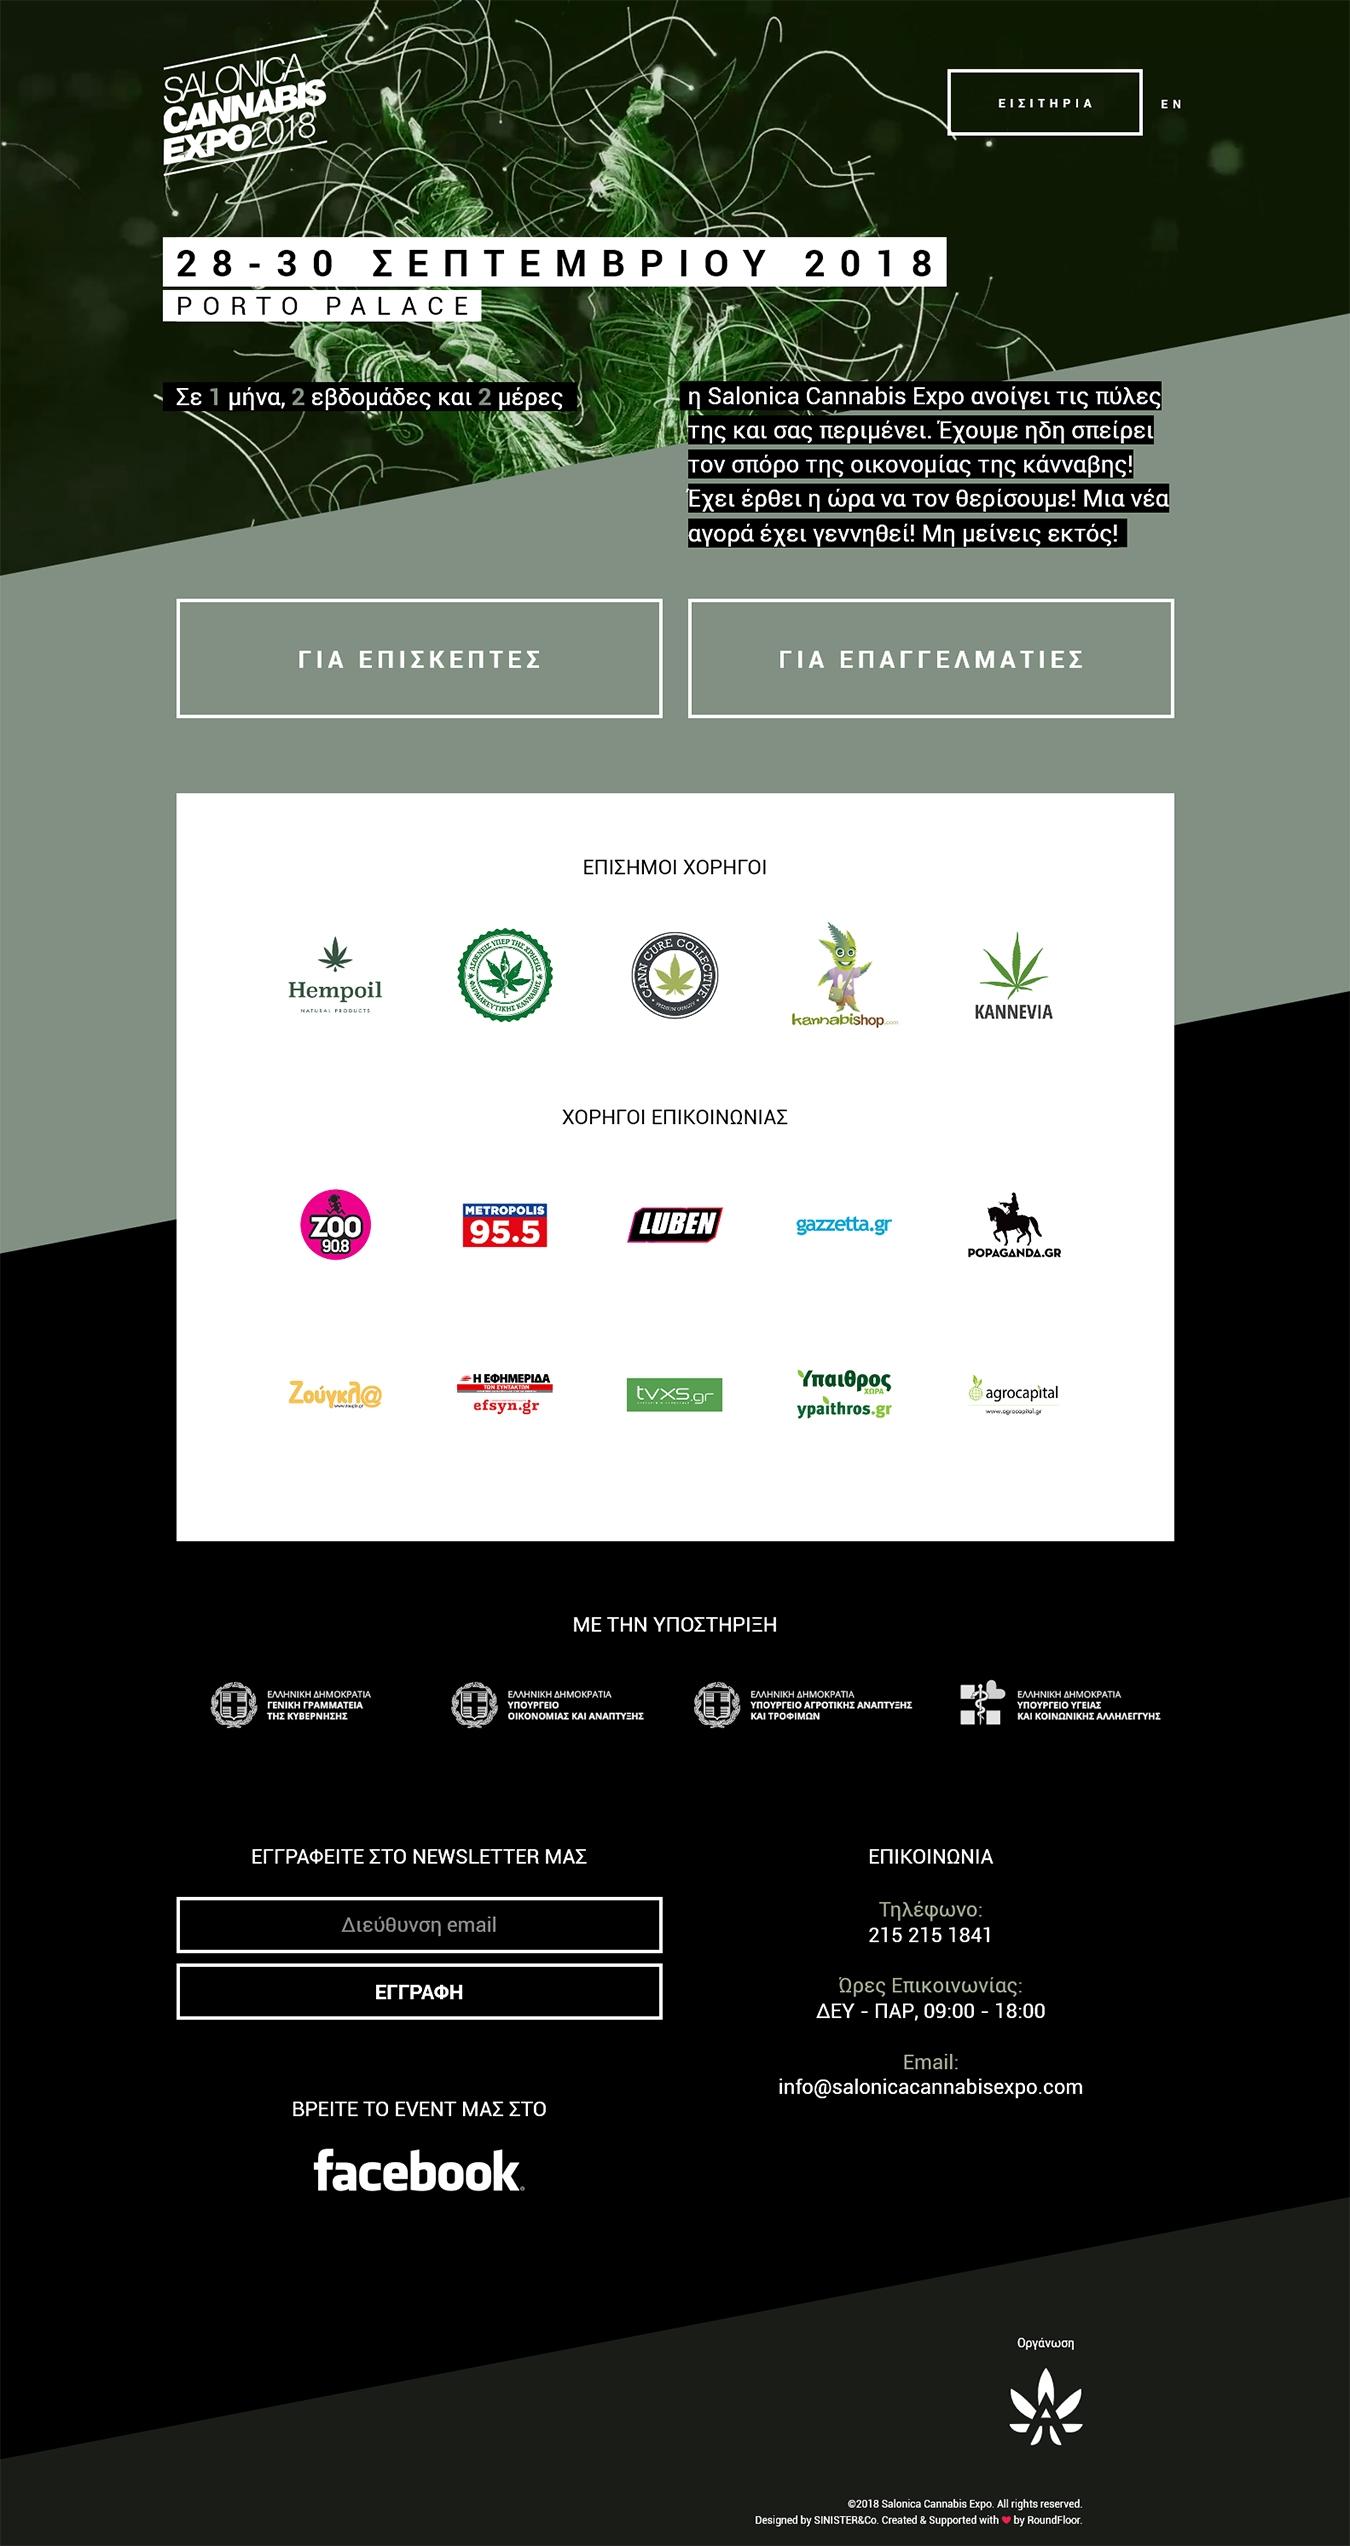 Κατασκευή ιστοσελίδας εκδήλωσης για την Διεθνή Έκθεση Κάνναβης Salonica Cannabis Expo